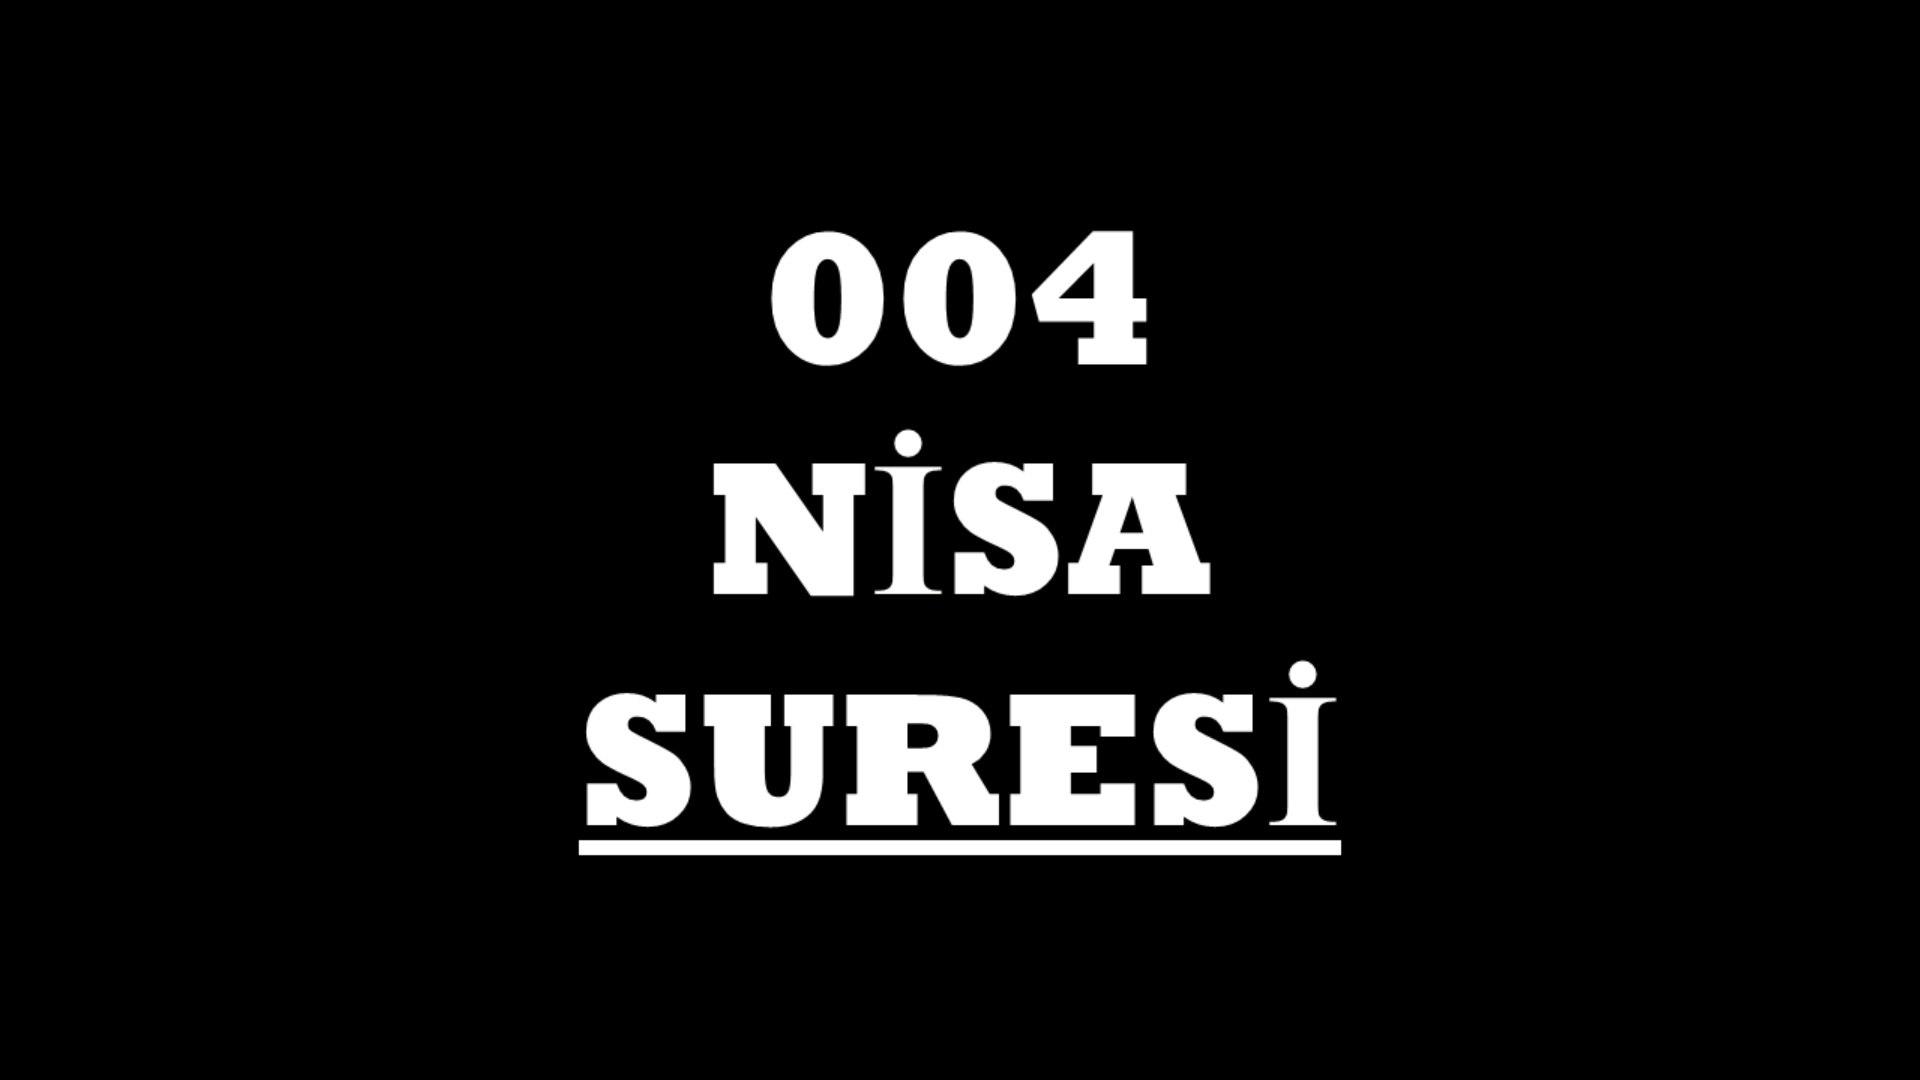 004 Nisa Suresi Türkçe - 1. Bölüm